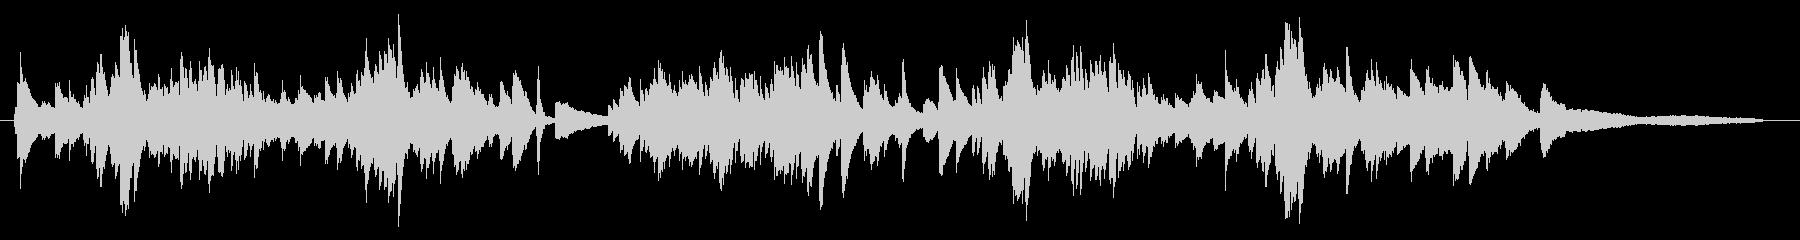 ショパン風 優雅なワルツ ピアノソロの未再生の波形